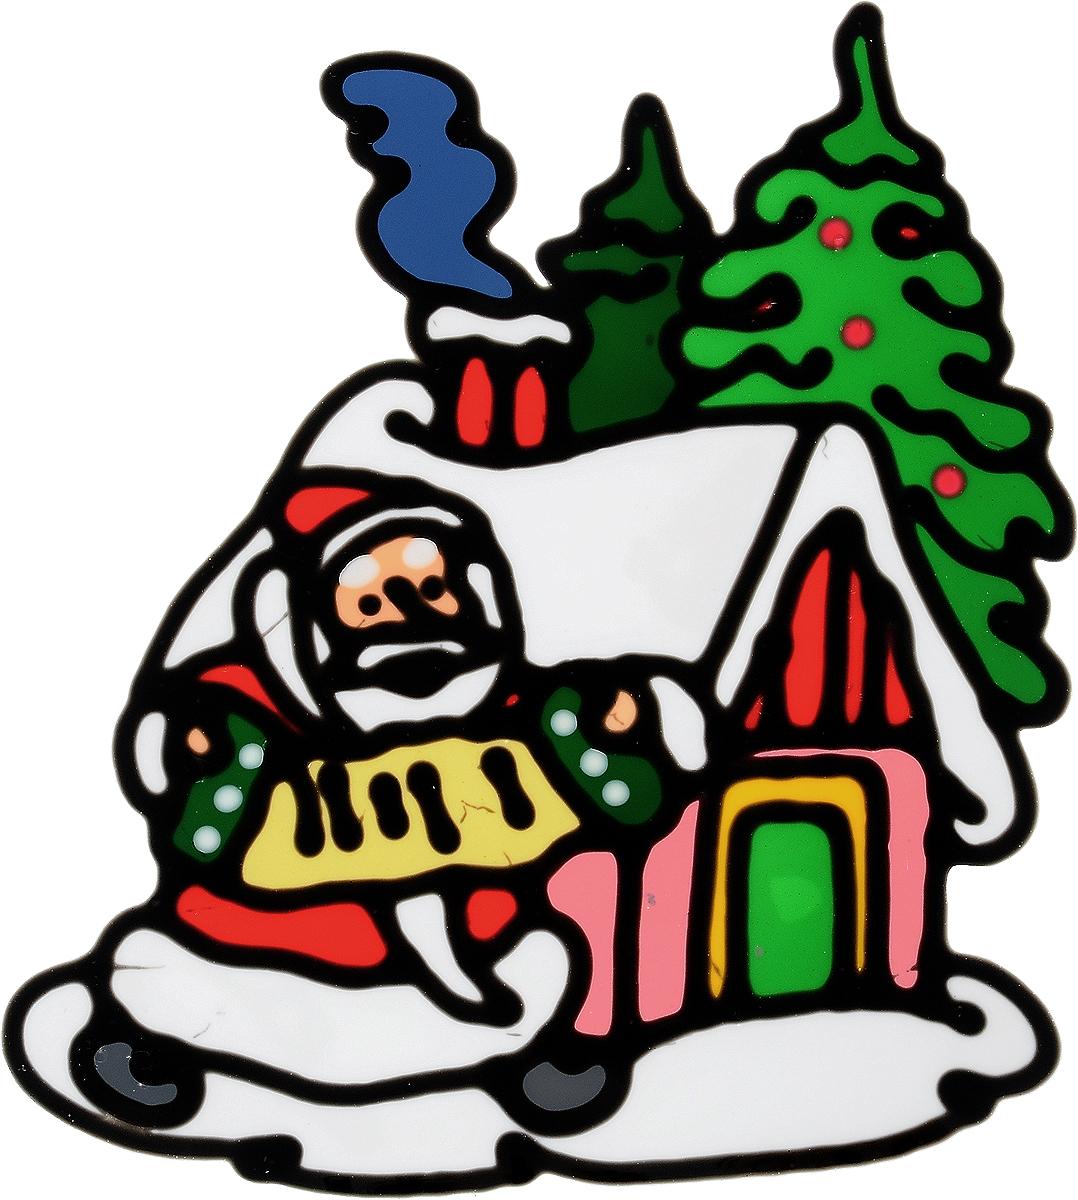 """Новогоднее оконное украшение Winter Wings """"Дед Мороз у домика"""" поможет украсить дом к предстоящим праздникам. Наклейка изготовлена из ПВХ.  С помощью этих украшений вы сможете оживить интерьер по своему вкусу, наклеить их на окно, на зеркало или на дверь.Новогодние украшения всегда несут в себе волшебство и красоту праздника. Создайте в своем доме атмосферу тепла, веселья и радости, украшая его всей семьей. Размер наклейки: 16 х 17,5 см."""